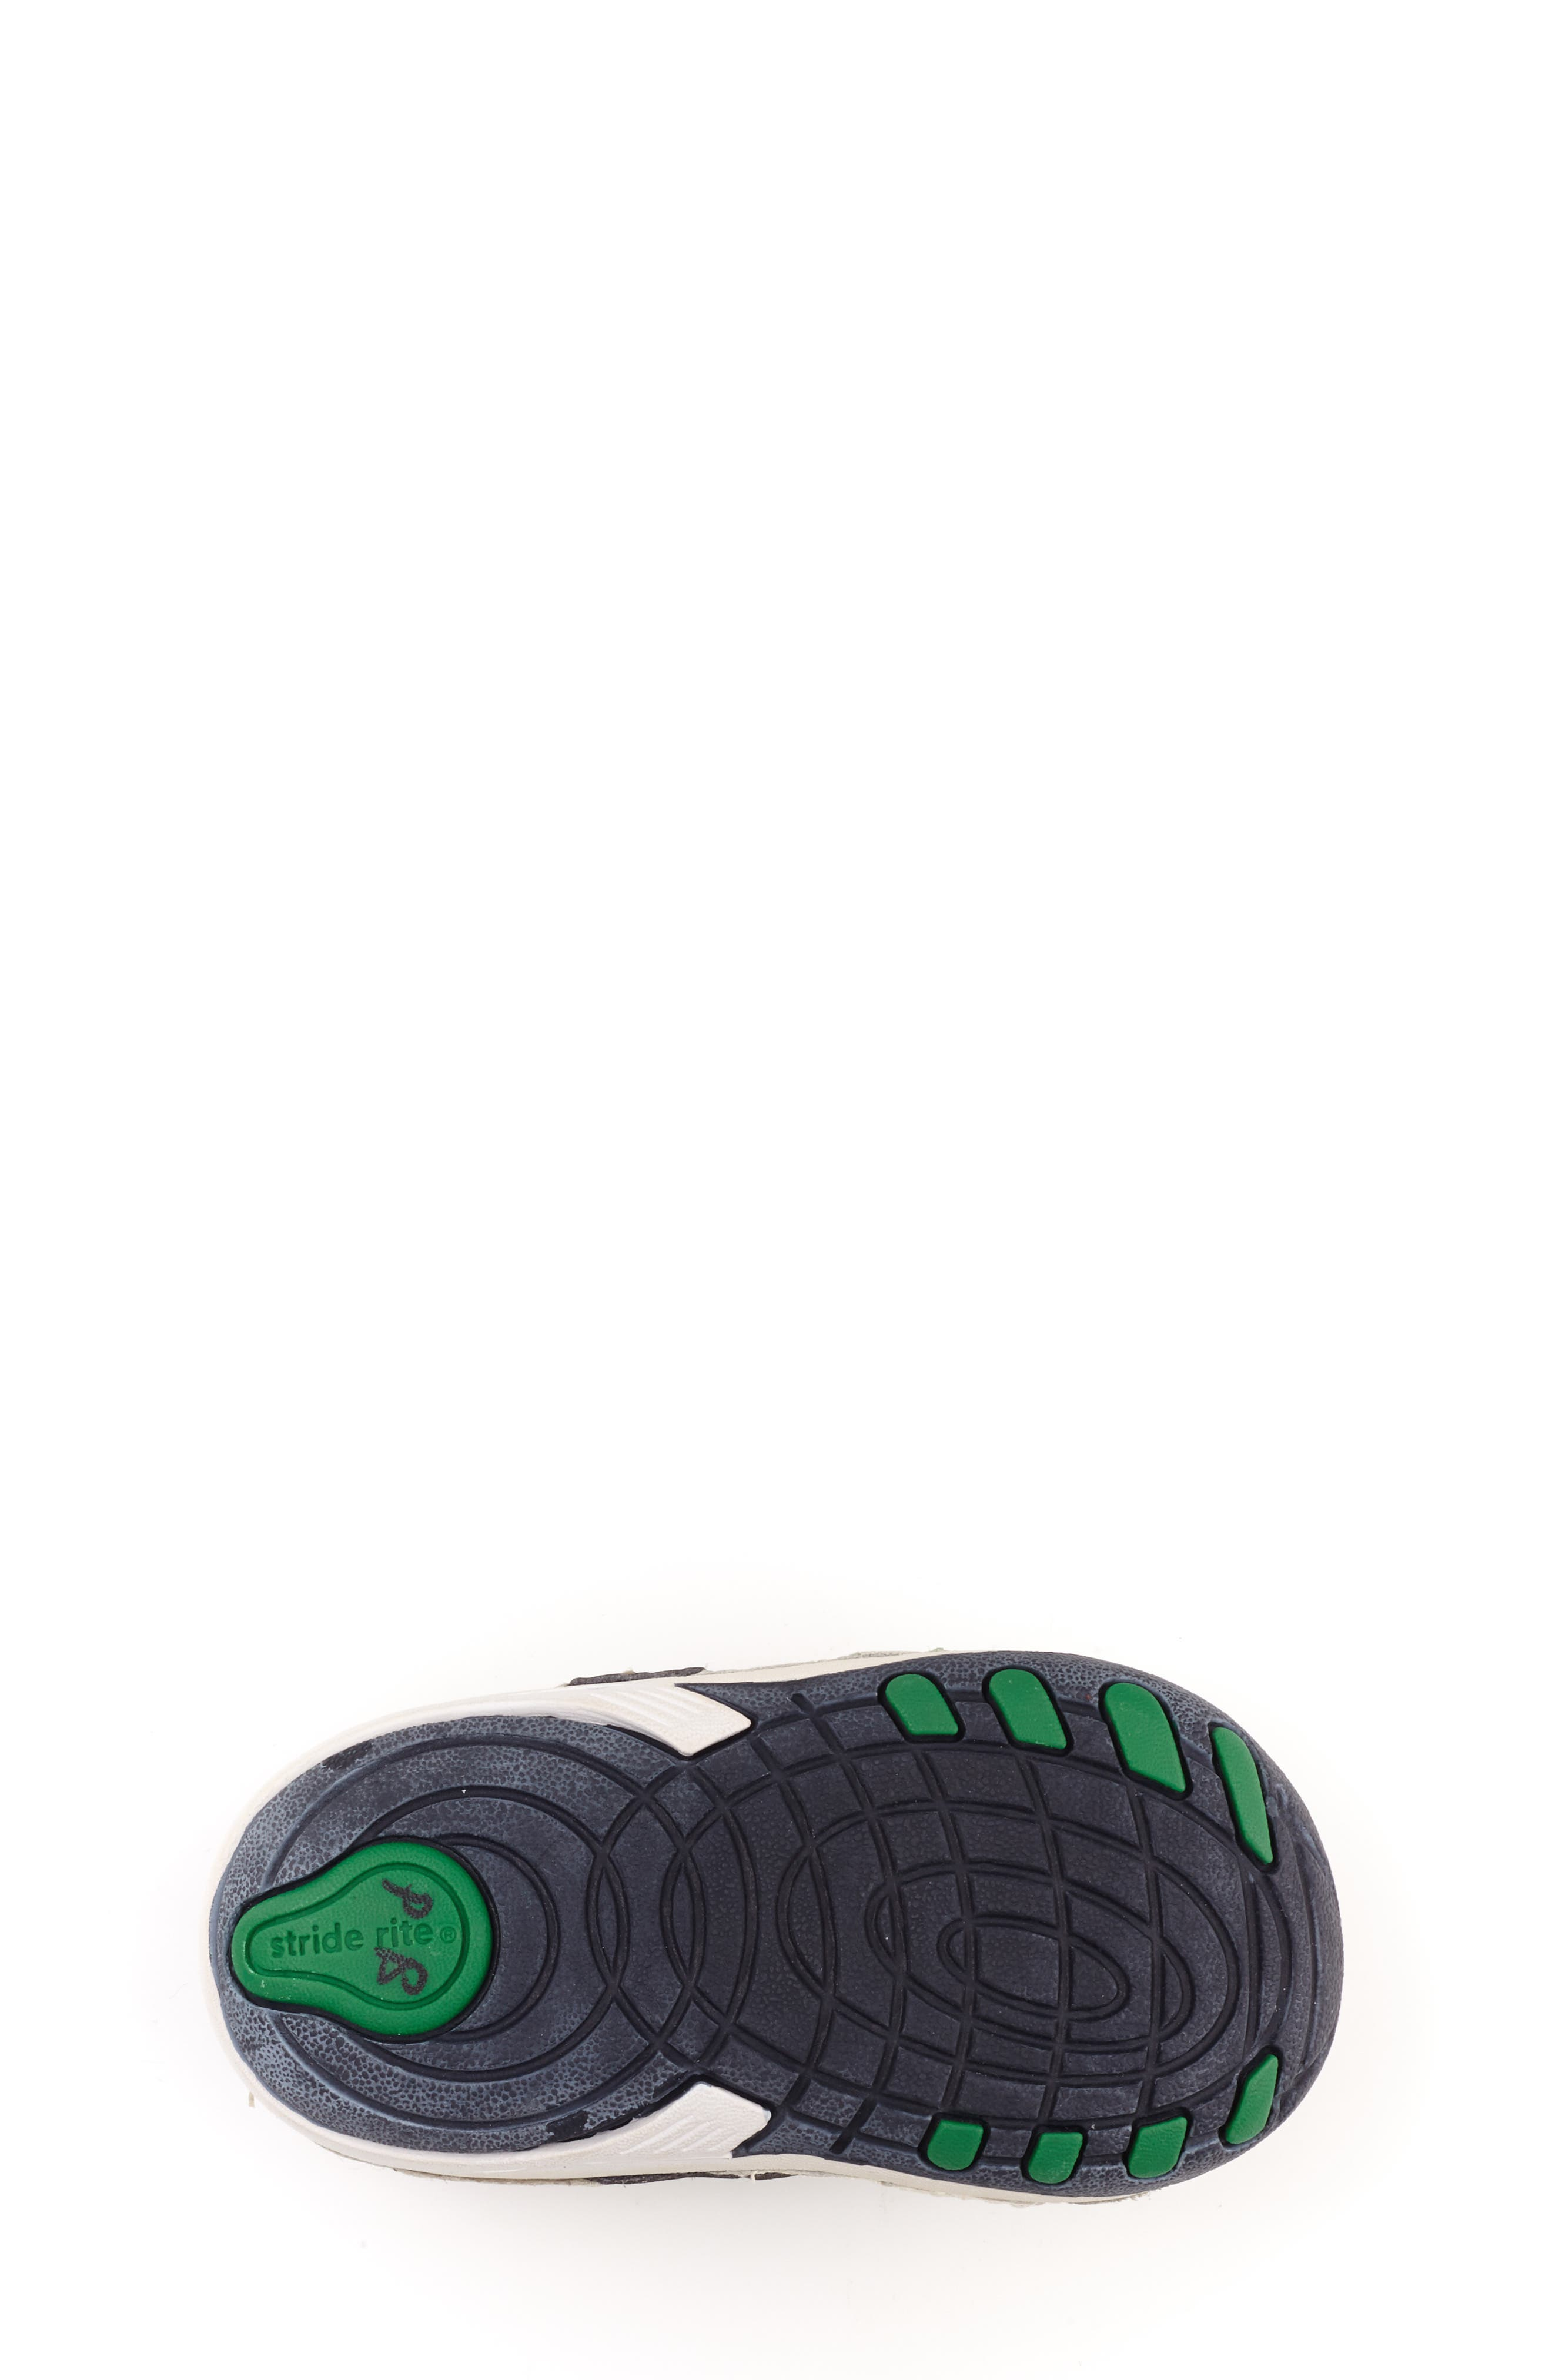 STRIDE RITE, 'Arte' Sneaker, Alternate thumbnail 6, color, WHITE/ NAVY